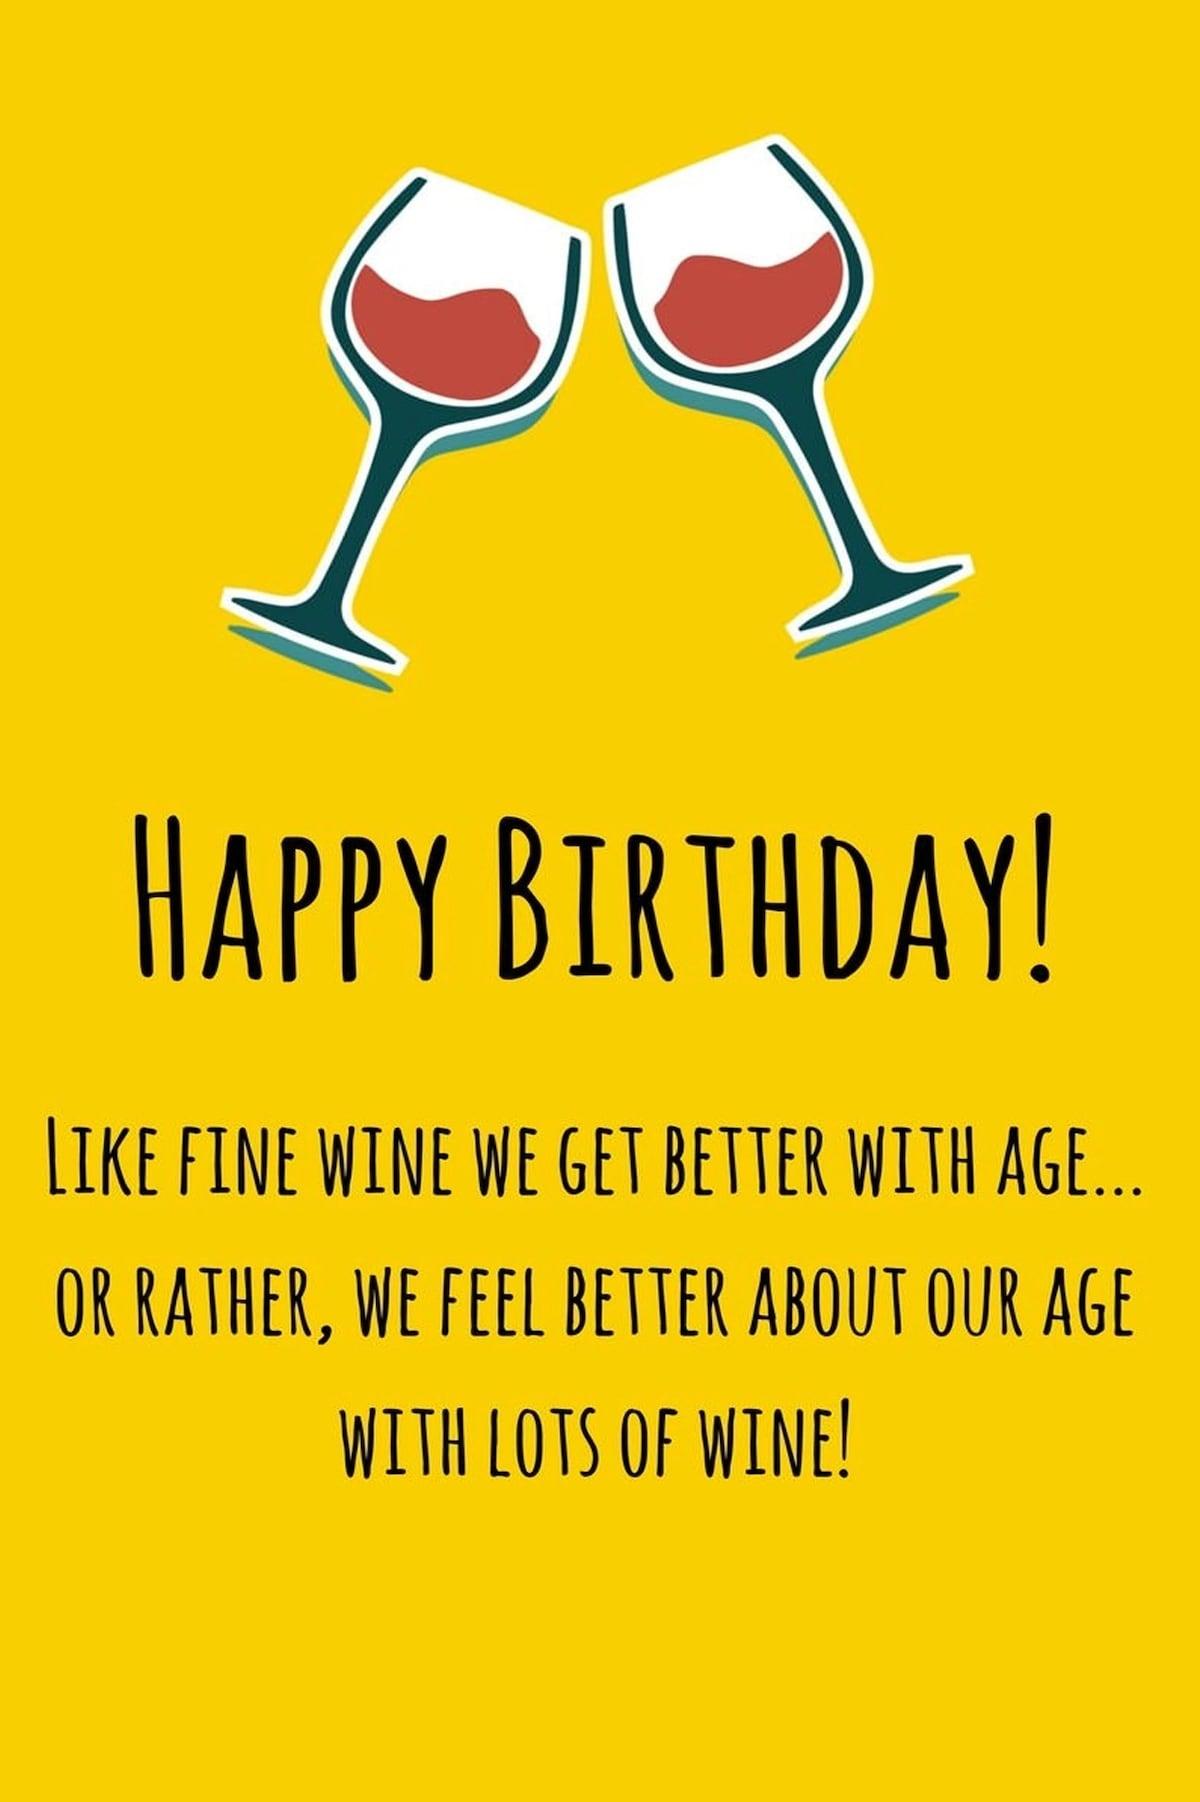 Lời chúc sinh nhật bằng tiếng Anh độc đáo